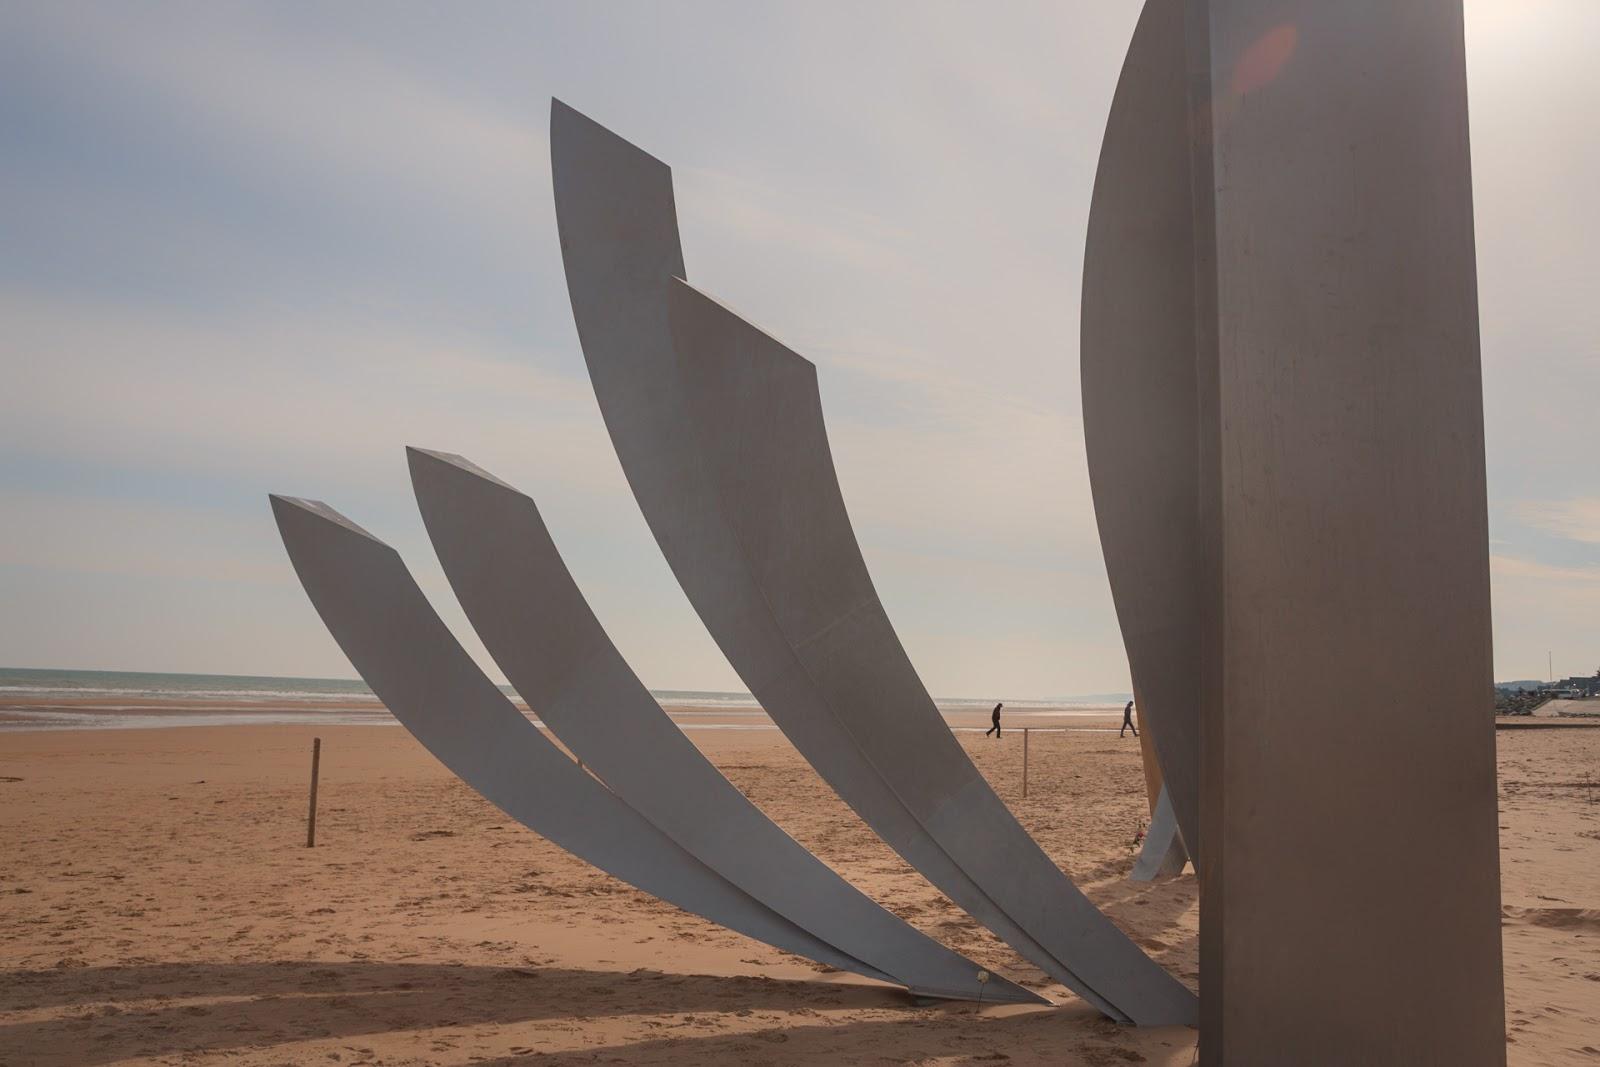 omaha beach plage du debarquement